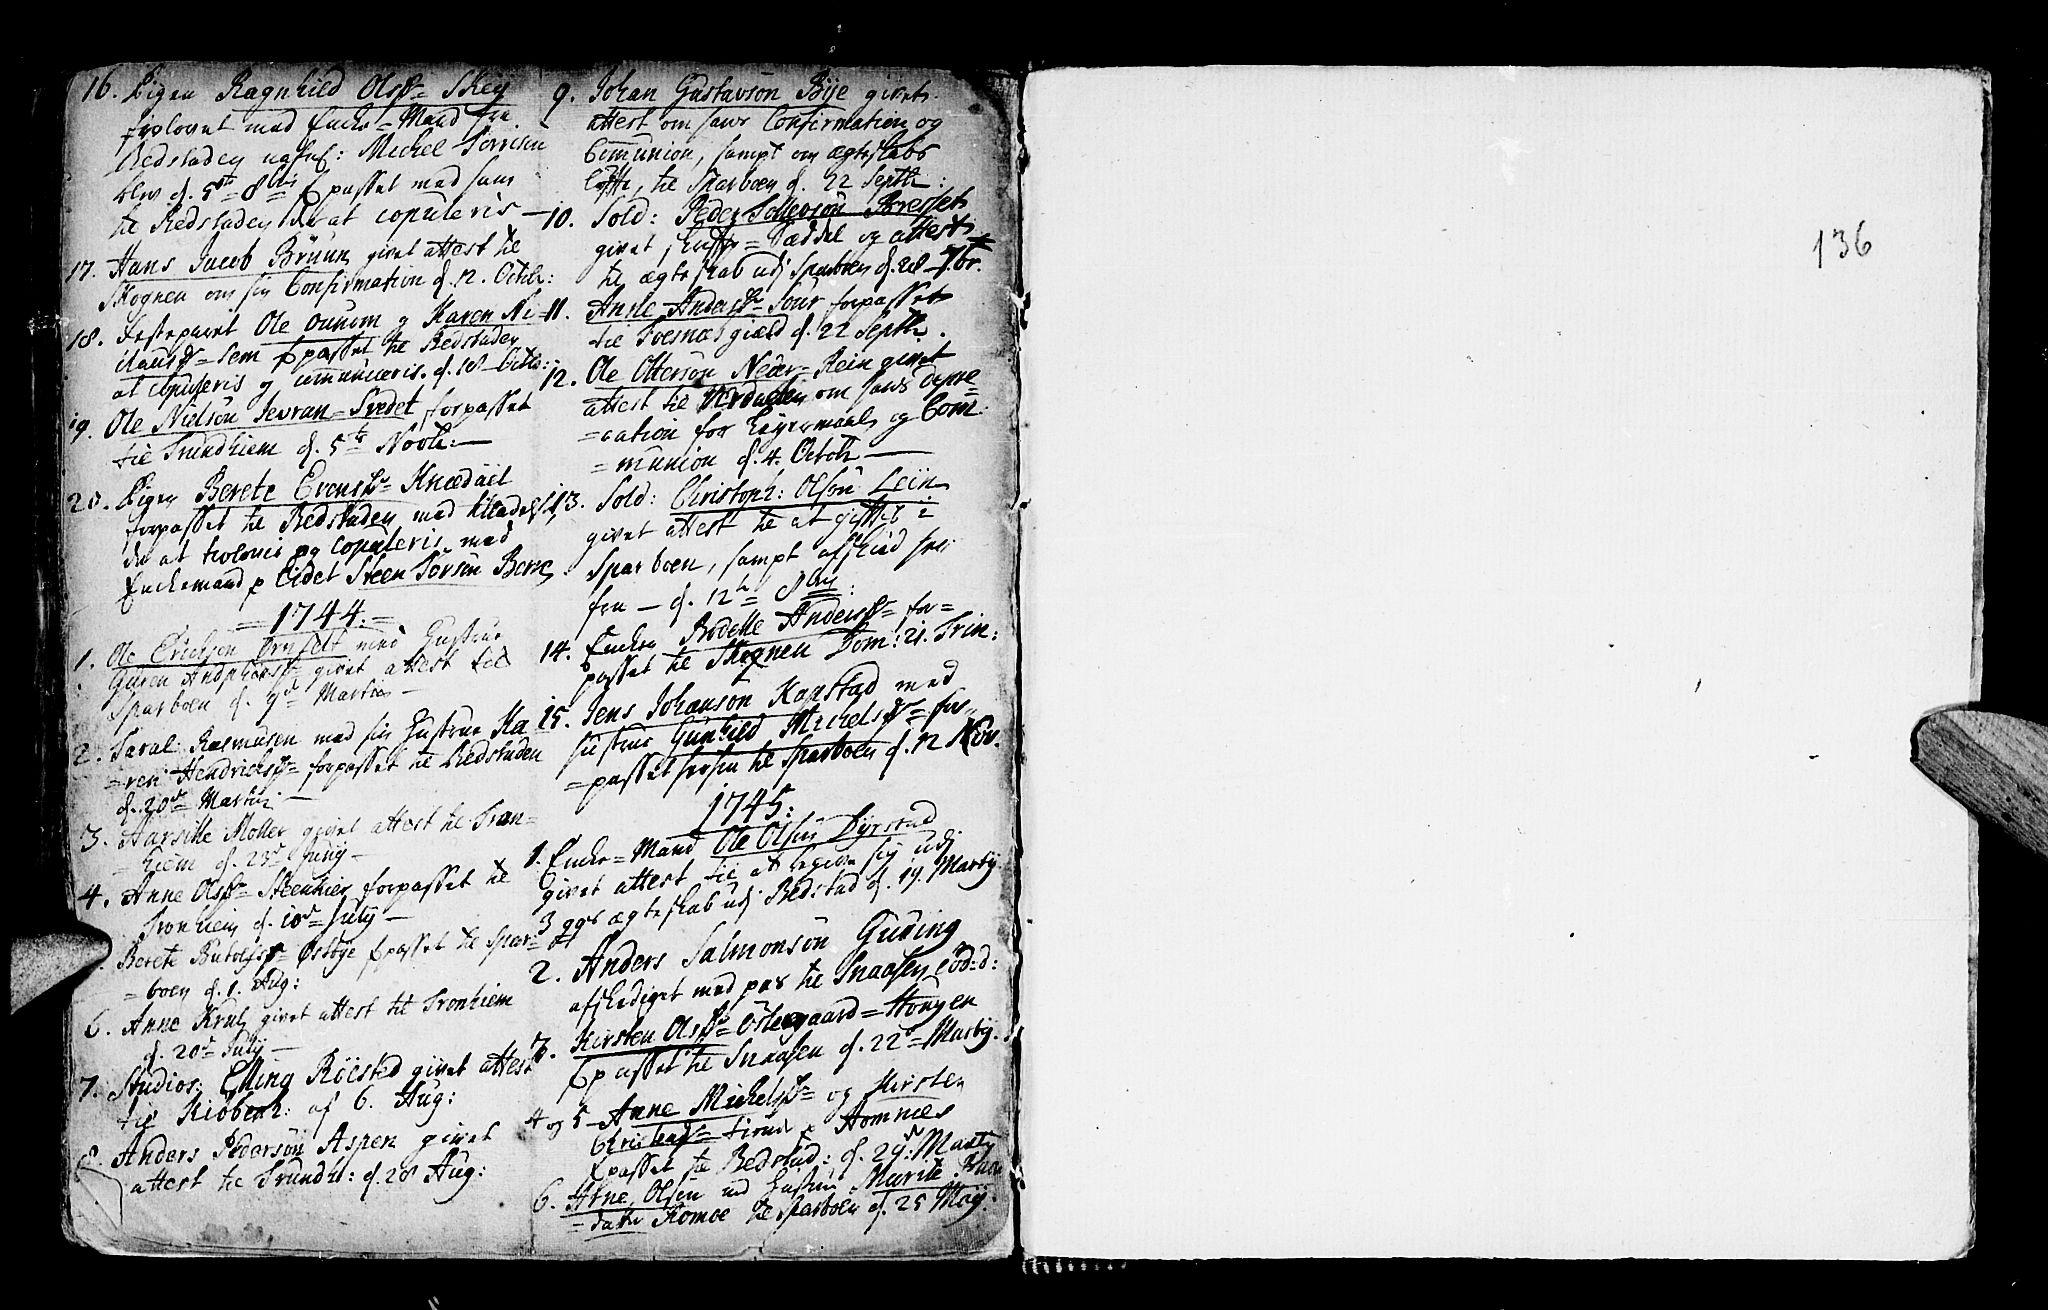 SAT, Ministerialprotokoller, klokkerbøker og fødselsregistre - Nord-Trøndelag, 746/L0439: Ministerialbok nr. 746A01, 1688-1759, s. 136